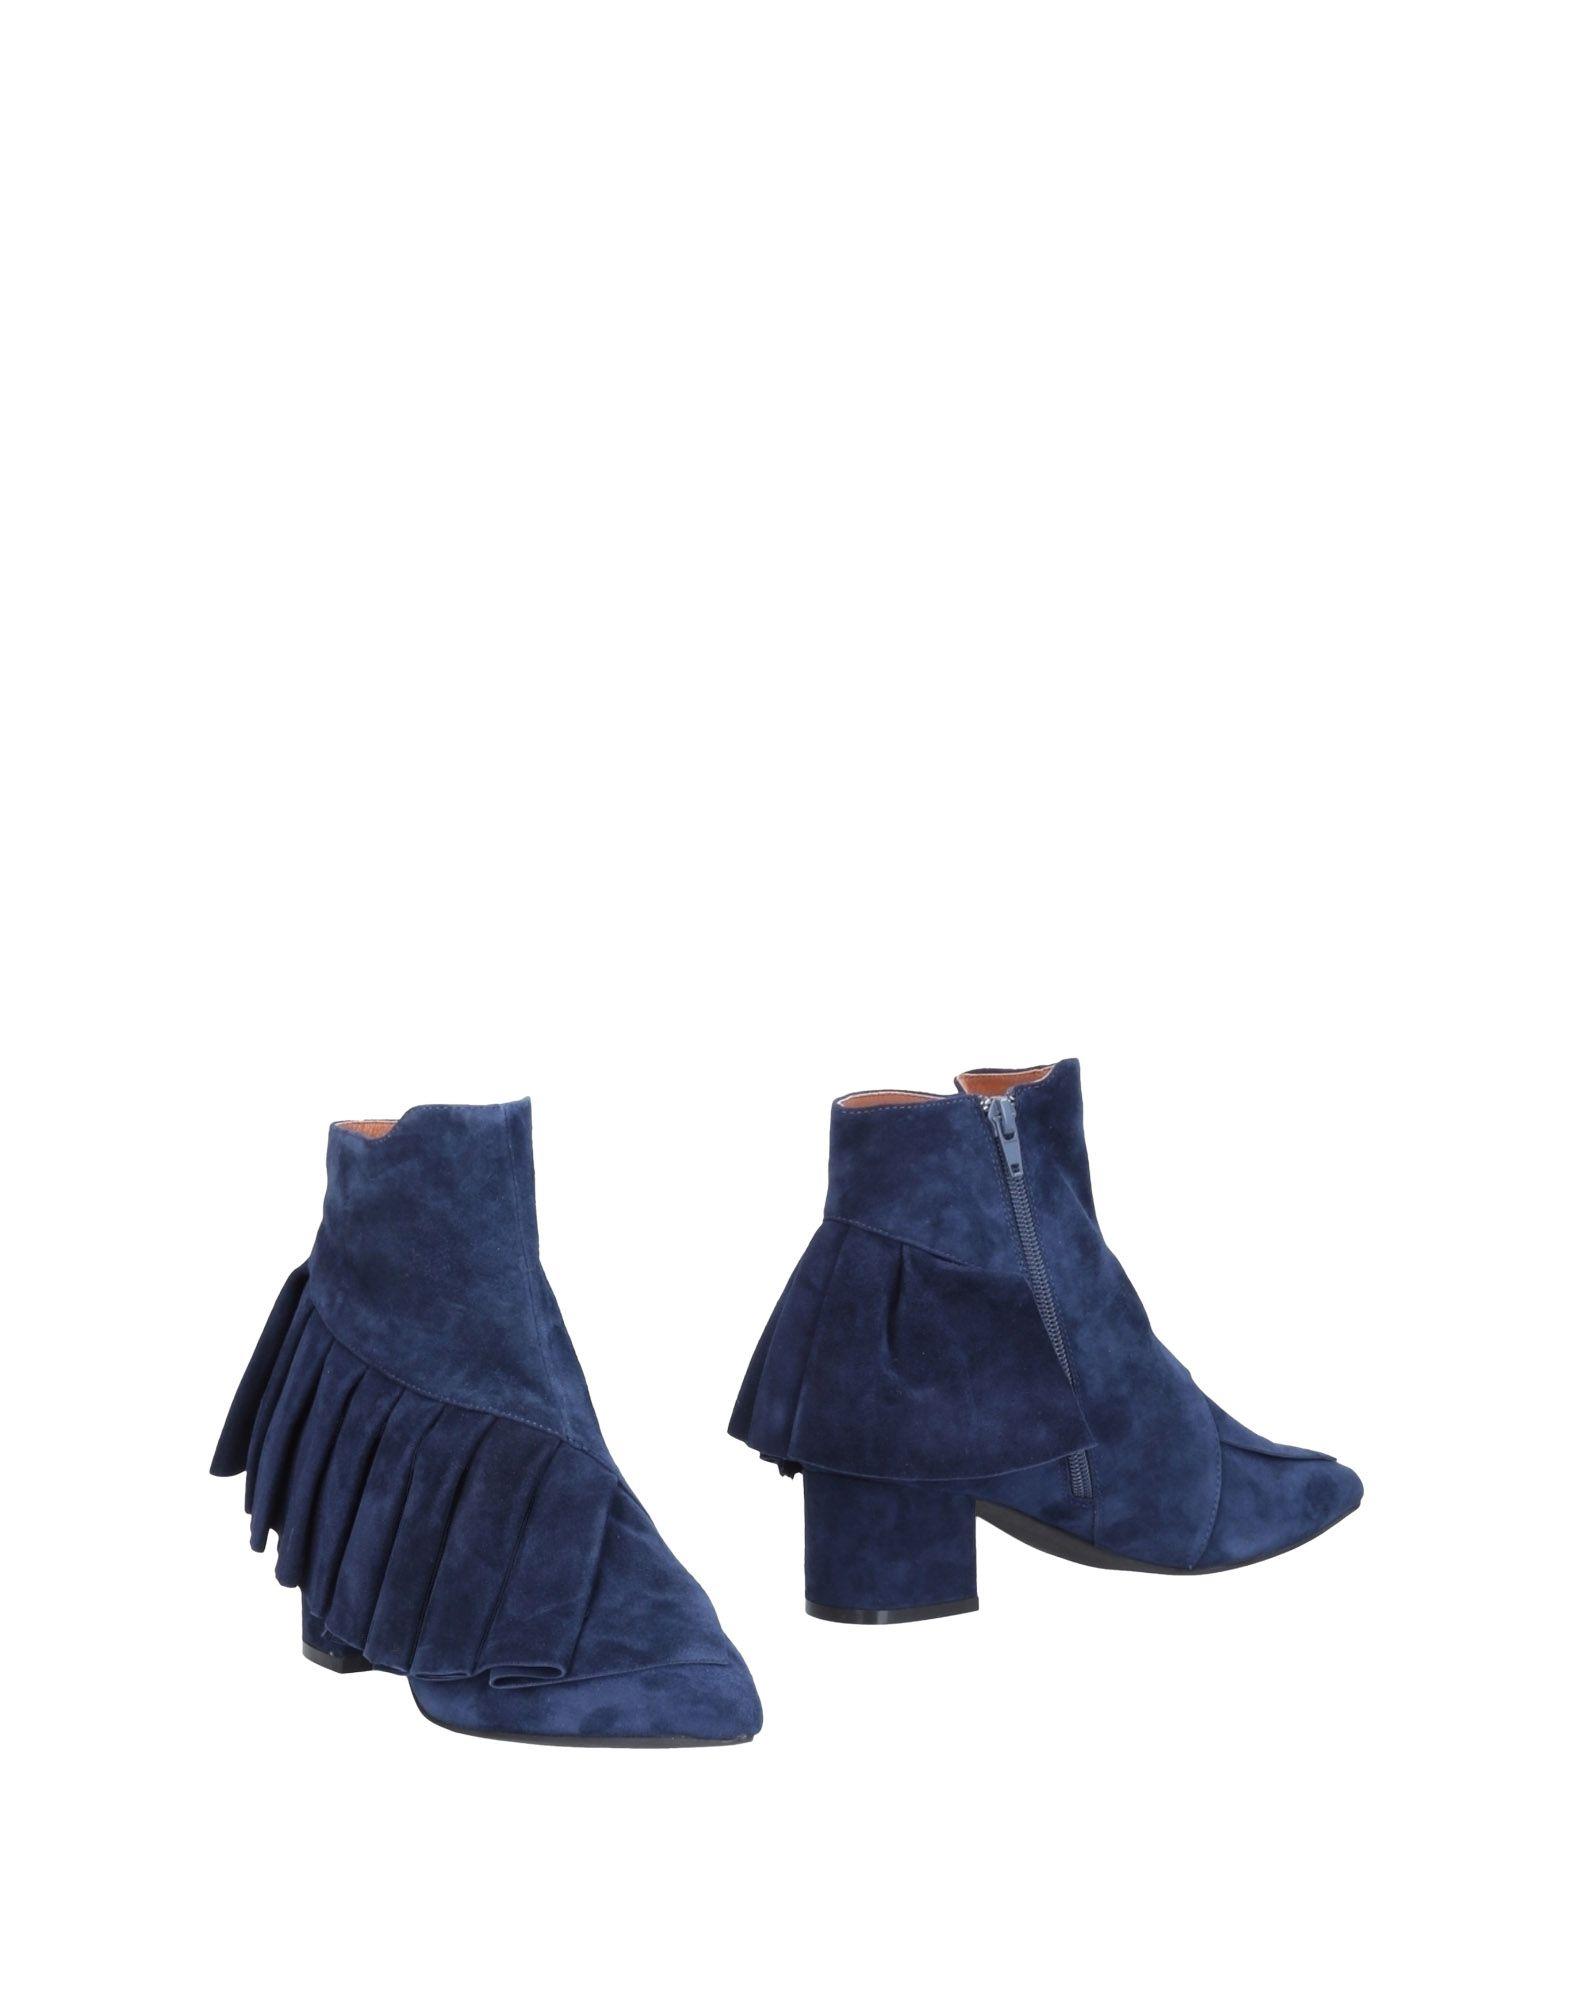 Jeffrey Jeffrey Jeffrey Campbell Stiefelette Damen  11466215UU Gute Qualität beliebte Schuhe 00f415